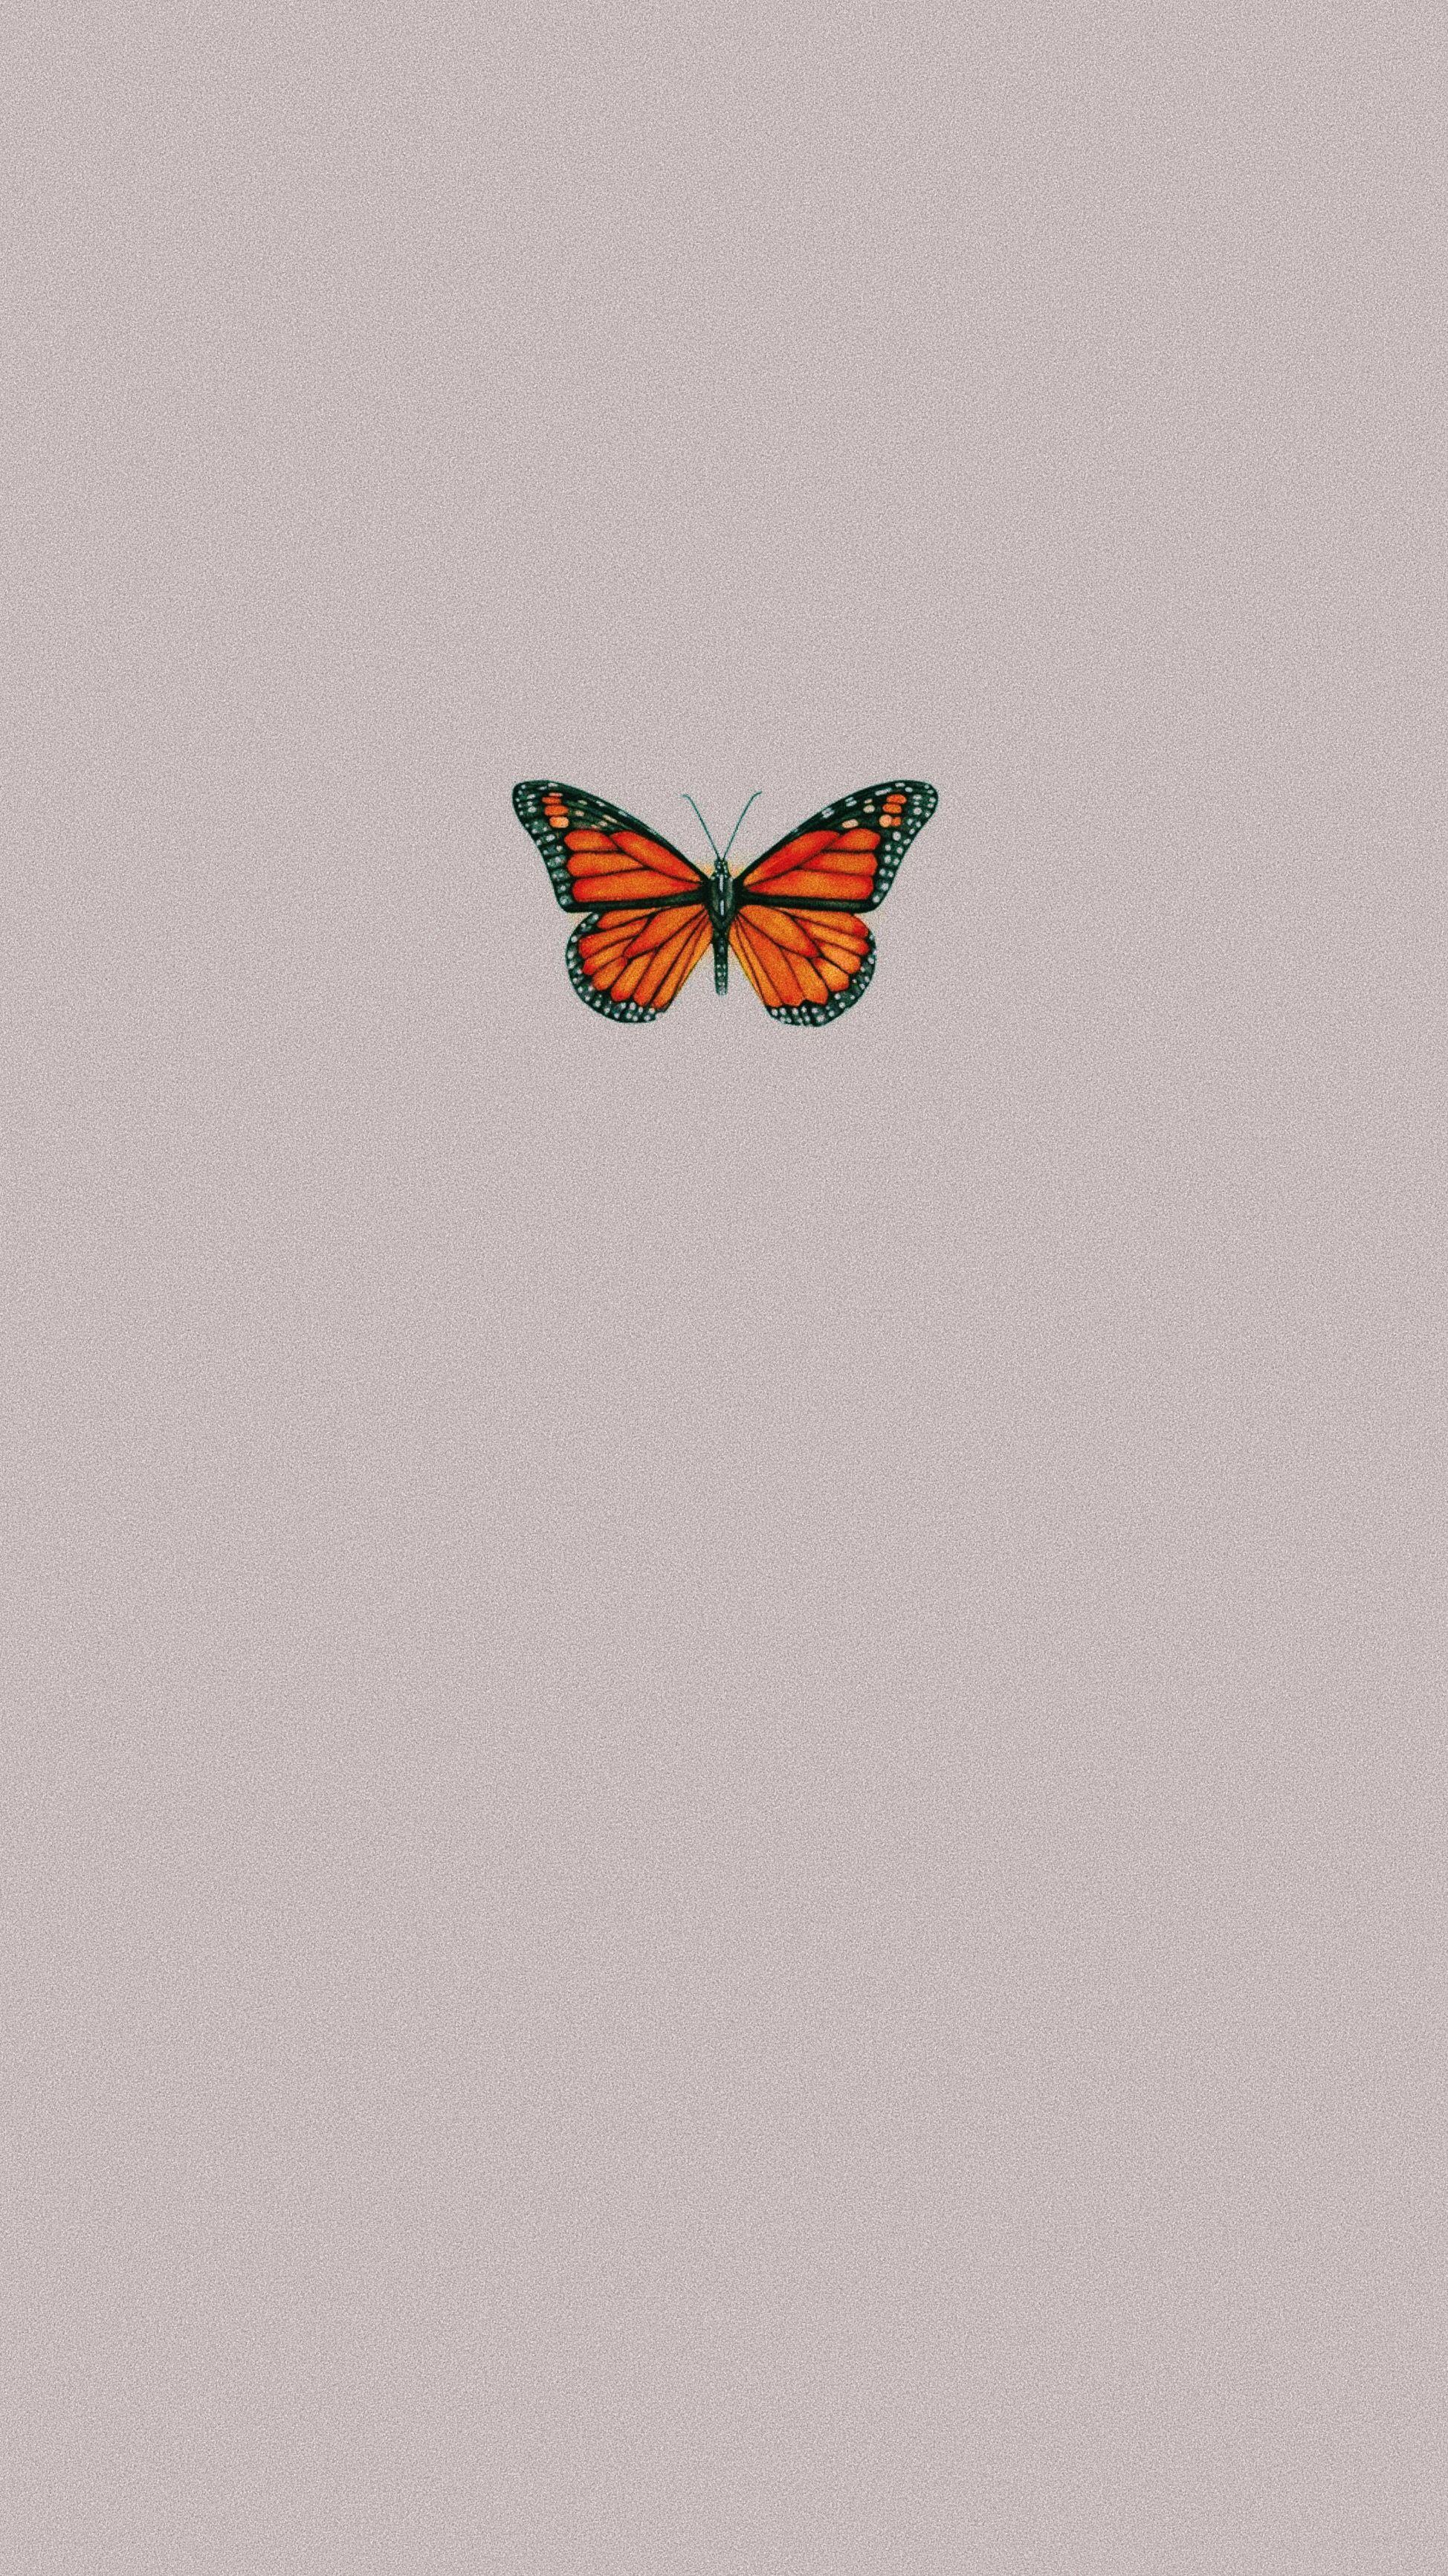 Vsco Lizzy0794 In 2020 Butterfly Wallpaper Iphone Pretty Wallpaper Iphone Butterfly Wallpaper